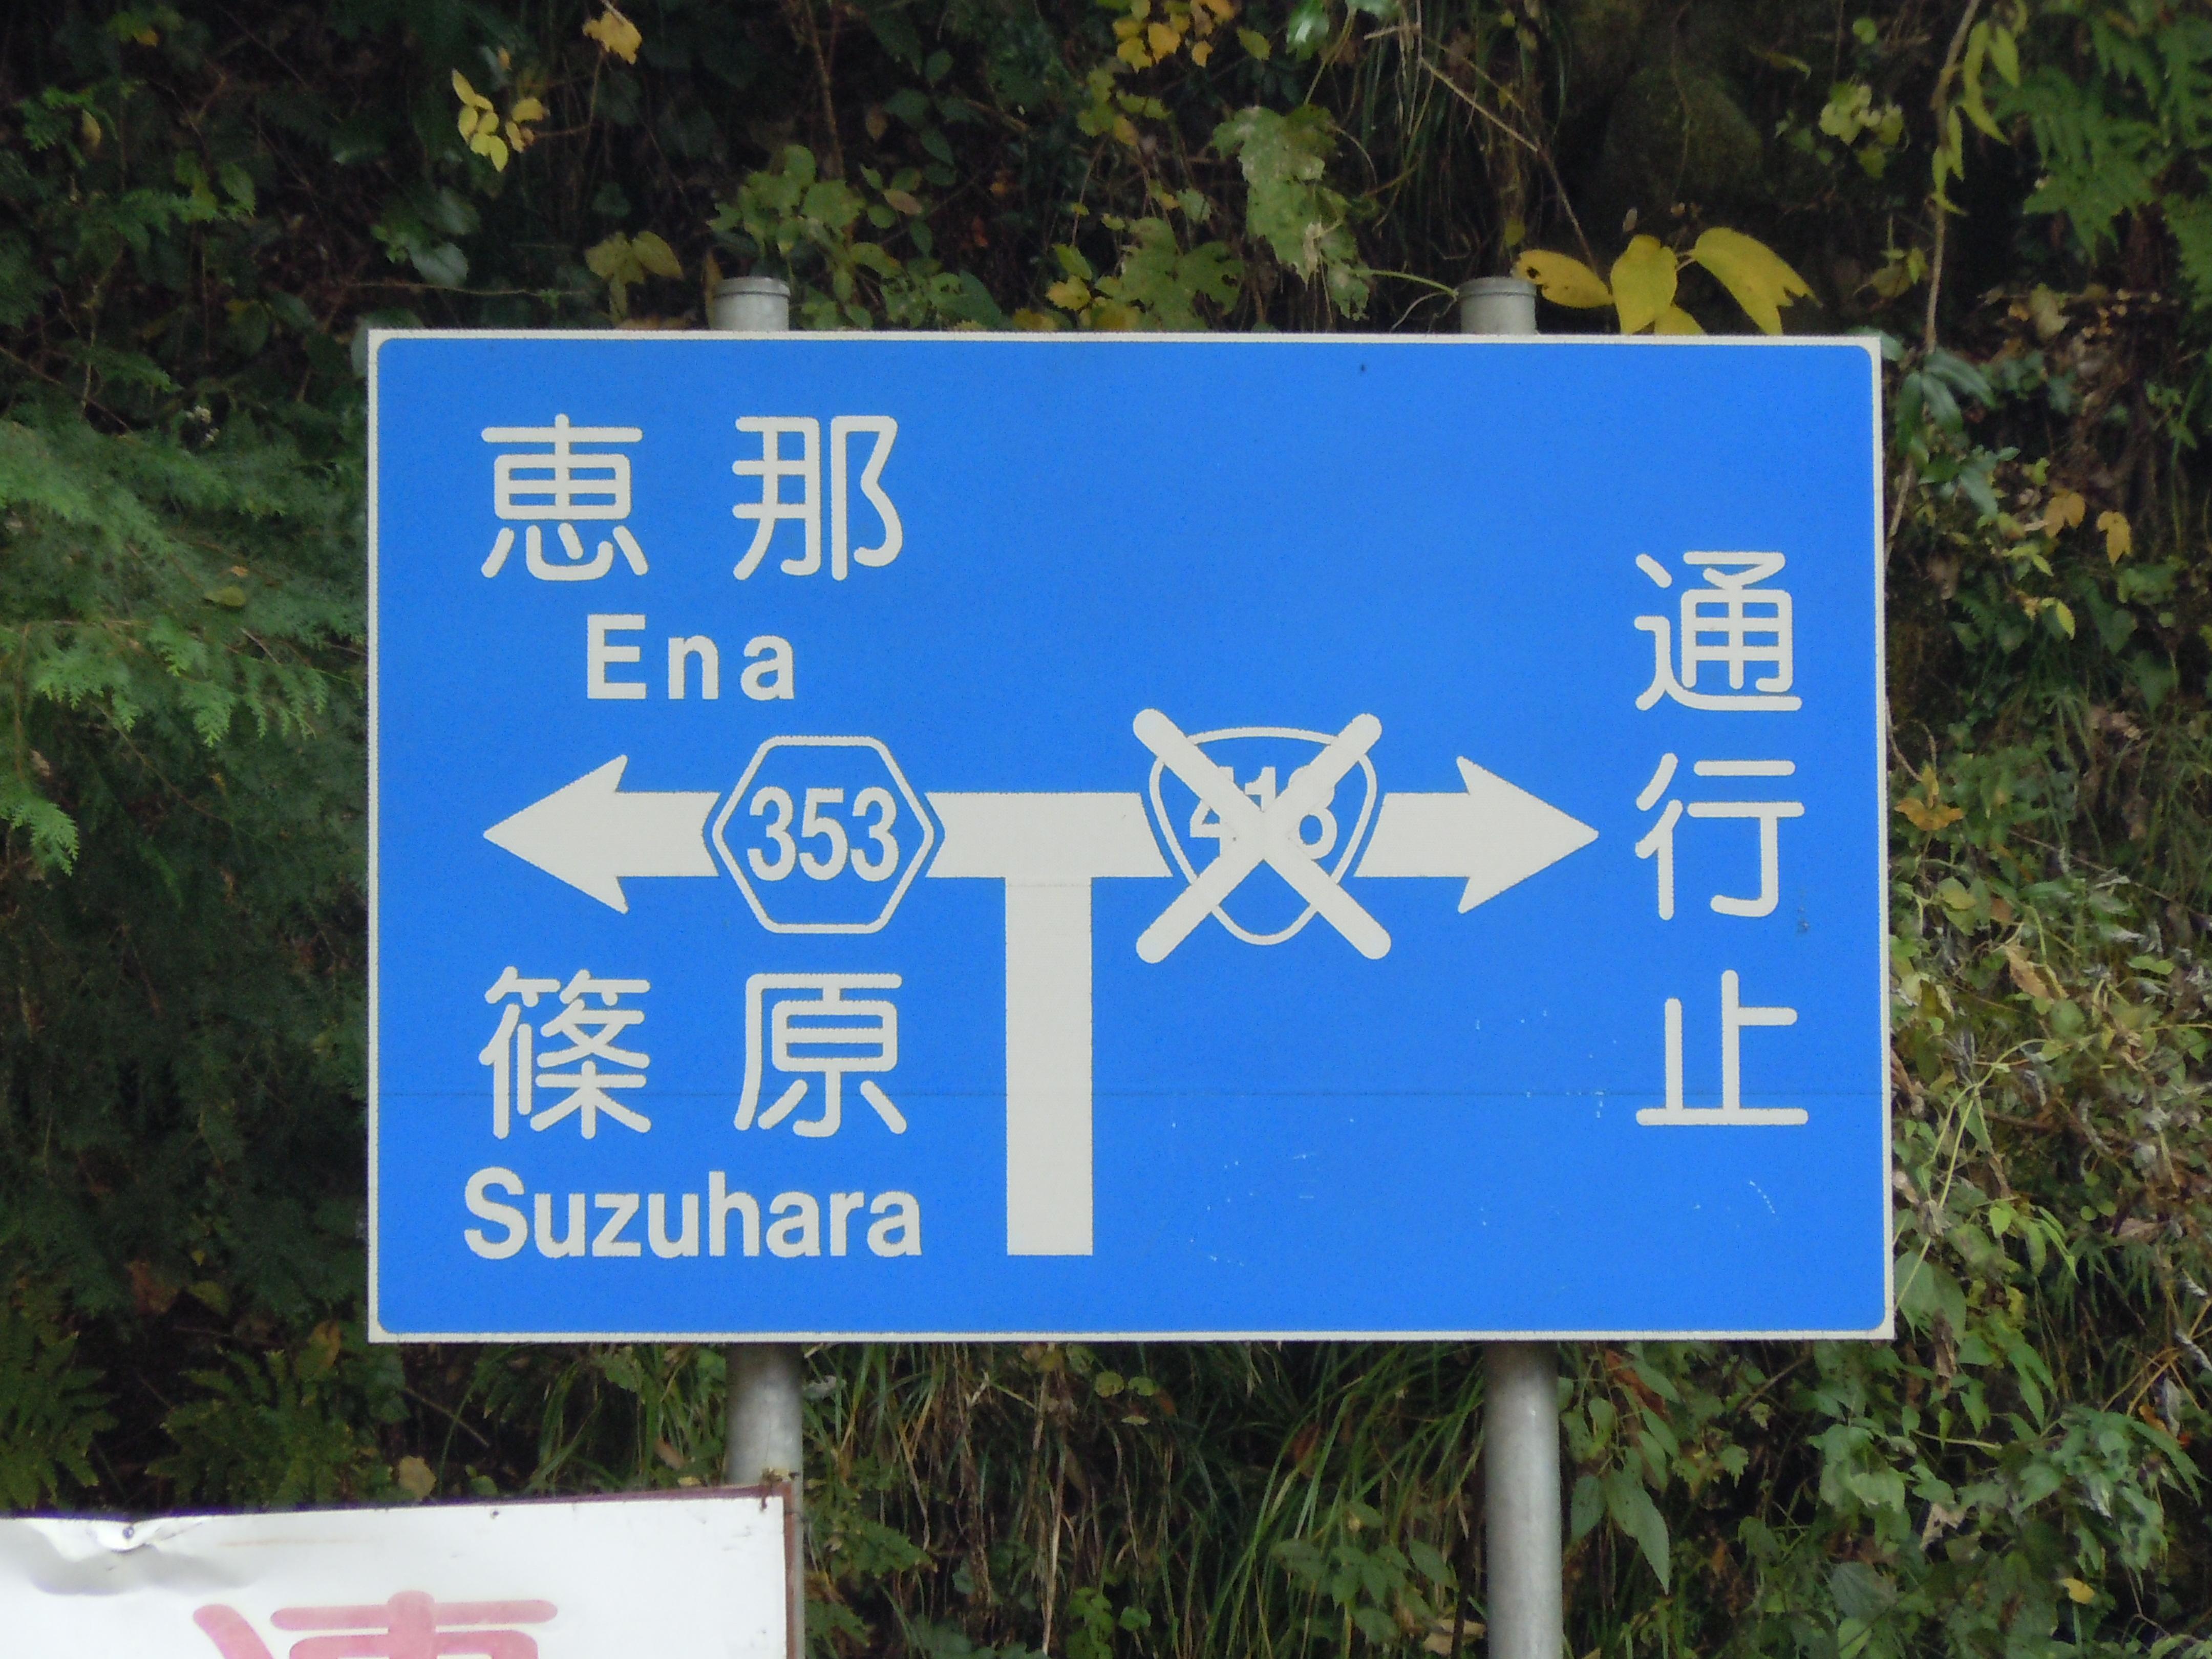 自転車の 自転車 標識番号 : 国道418号in八百津 その? - annaka ...